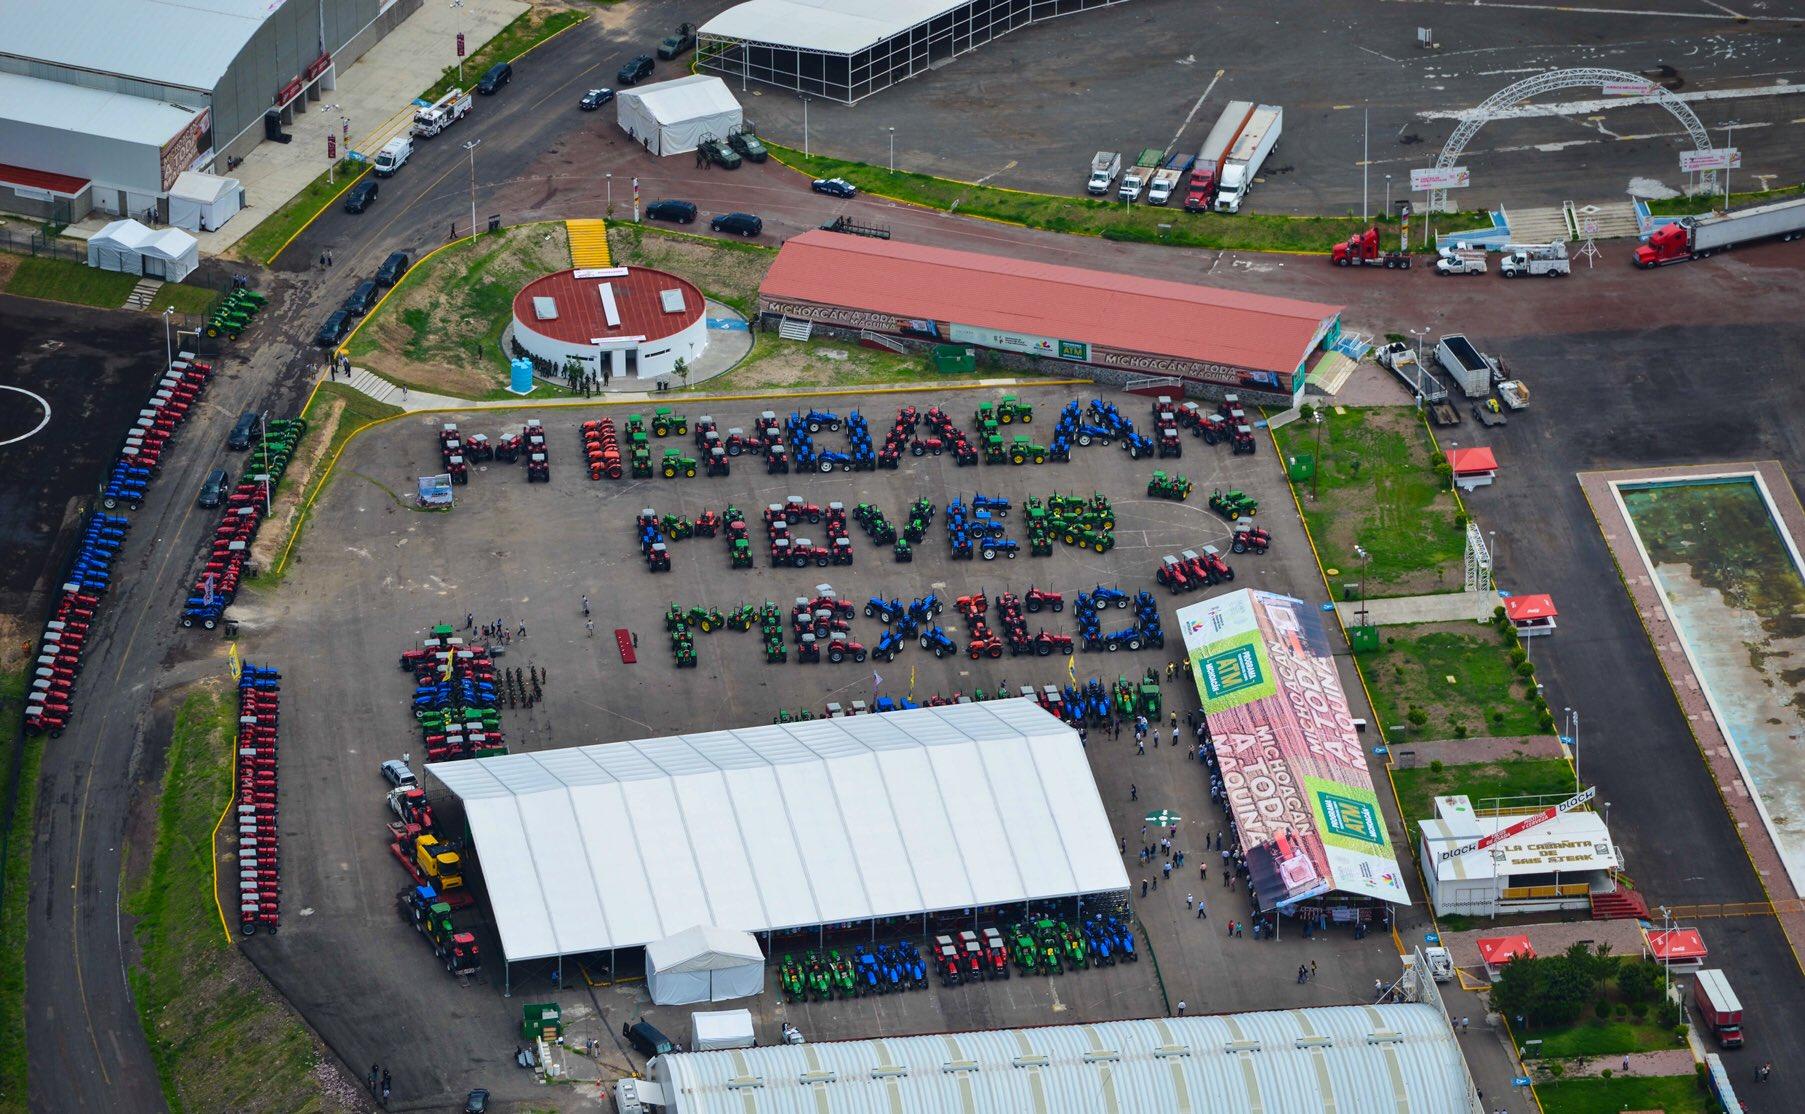 En Michoacán entregamos 500 tractores. En todo el país llevamos casi 8 mil y la meta son 25 mil https://t.co/N1W9khscs9